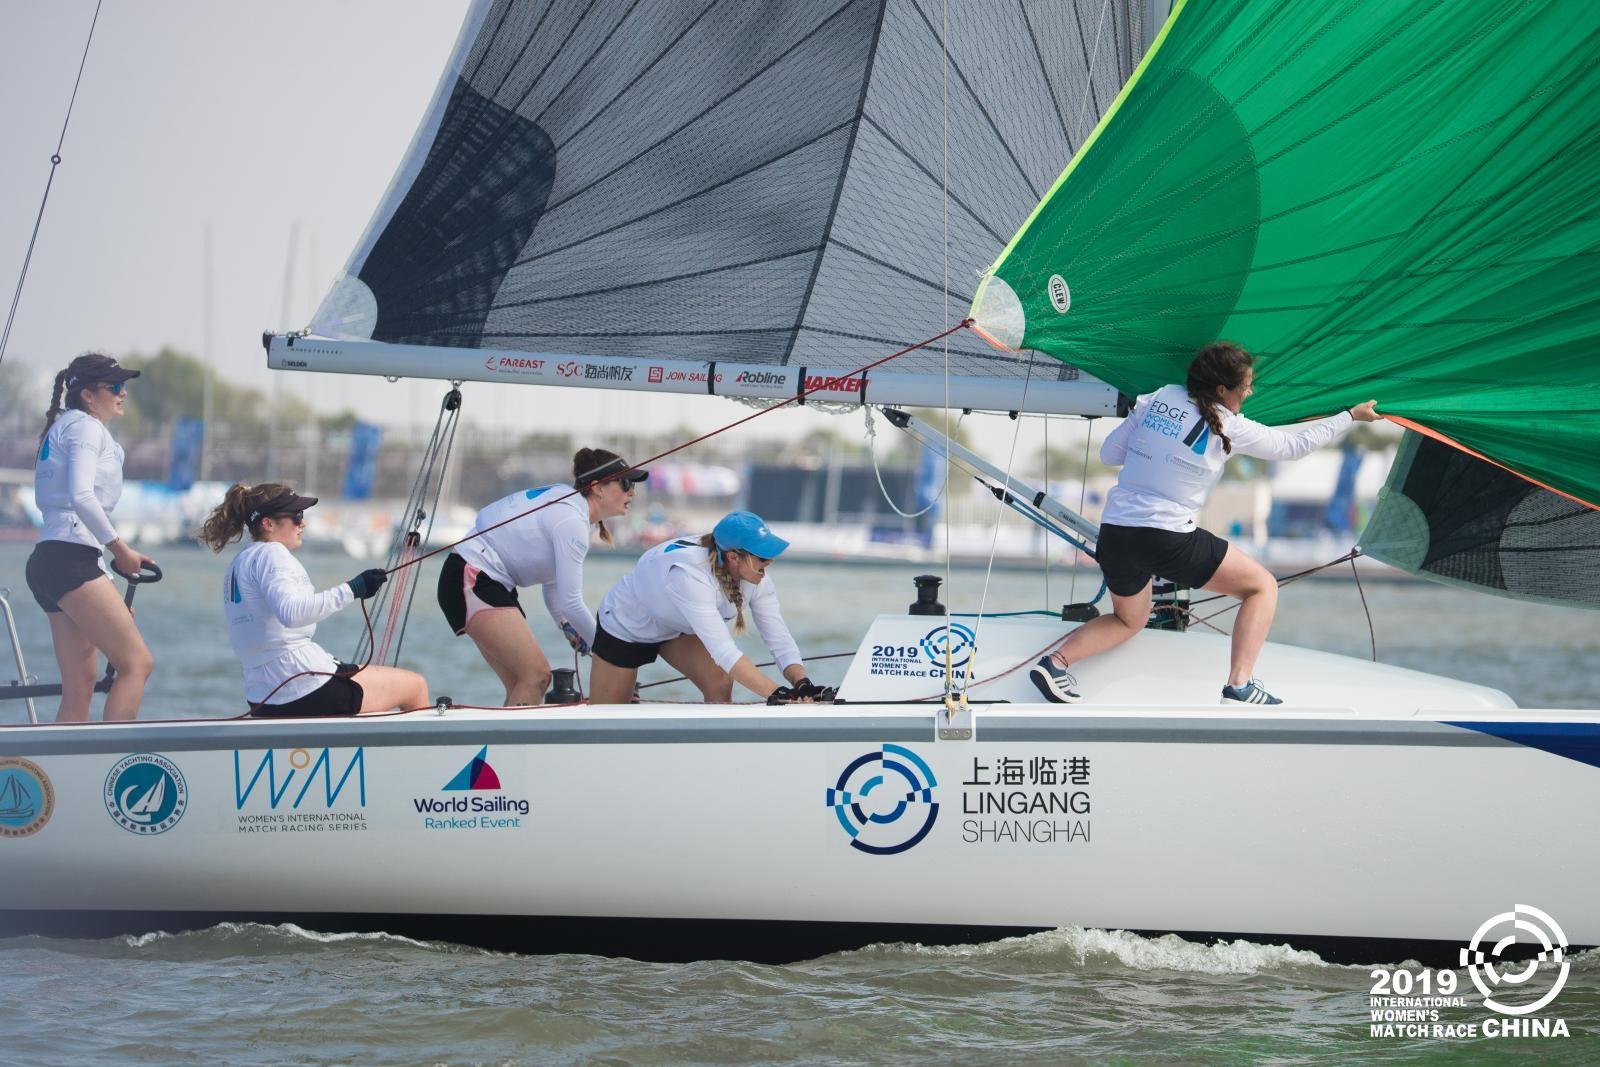 帆船,国际,上海,对抗赛,中国 2019年国际女子帆船对抗赛在上海滴水湖盛大开幕,法国队展现强大实力